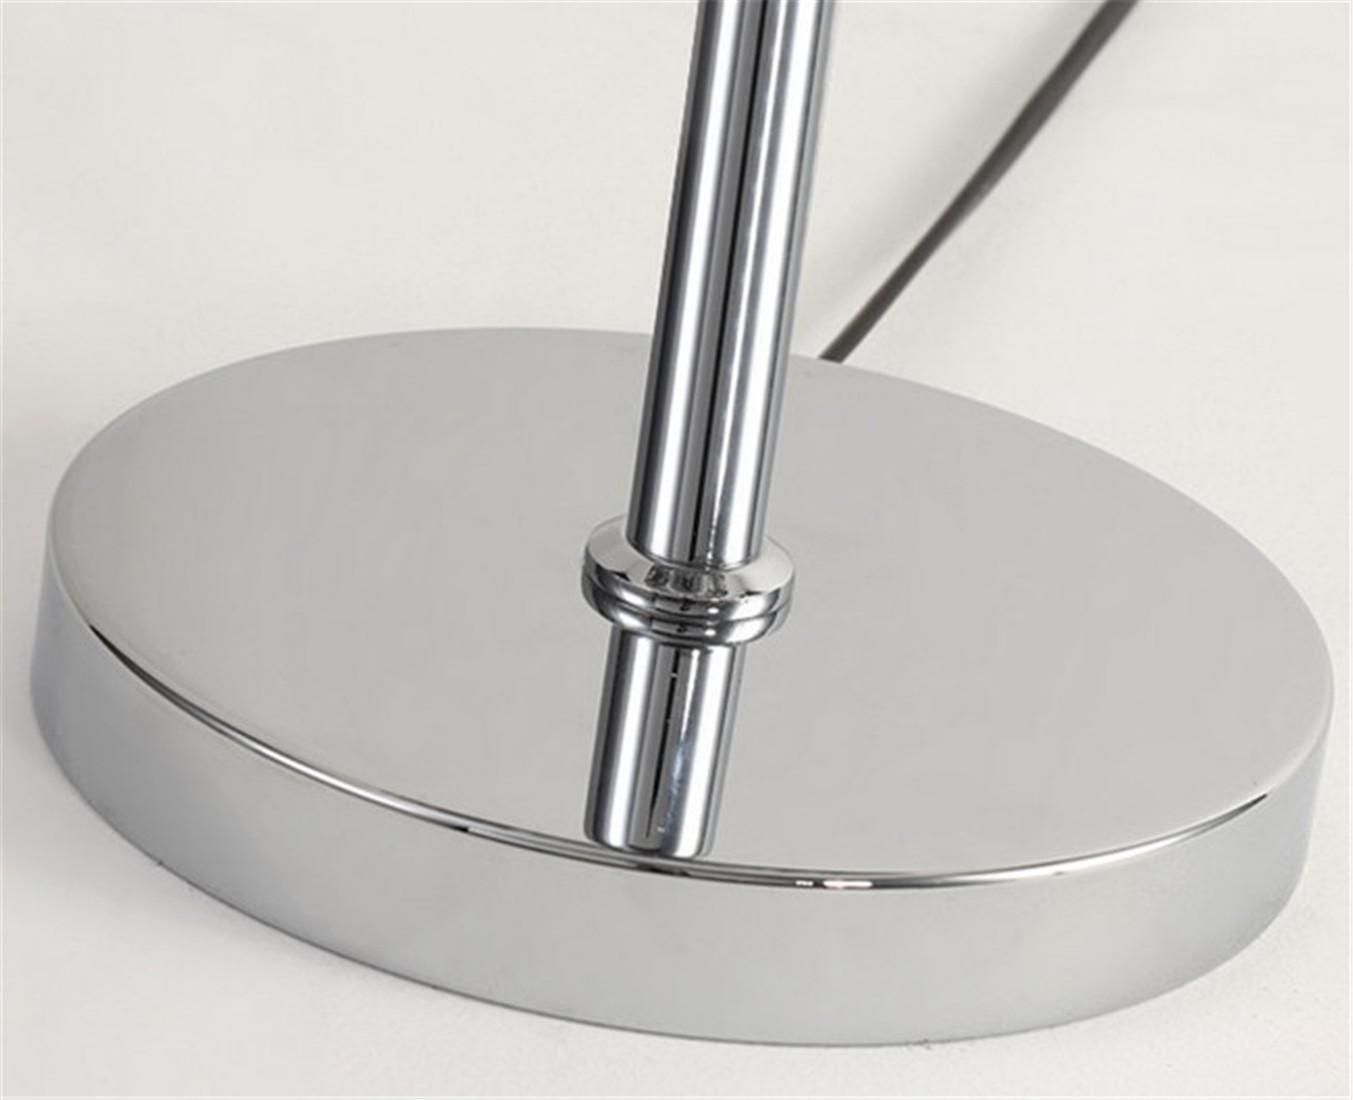 HONGLI Luxus Modernen Einfache Warm K9 Rauch Rauch Rauch grau Kristall E14 Wohnzimmer Studie Schlafzimmer Nachttischlampe 28  48 B07DZ88S4L | Online  f7273d